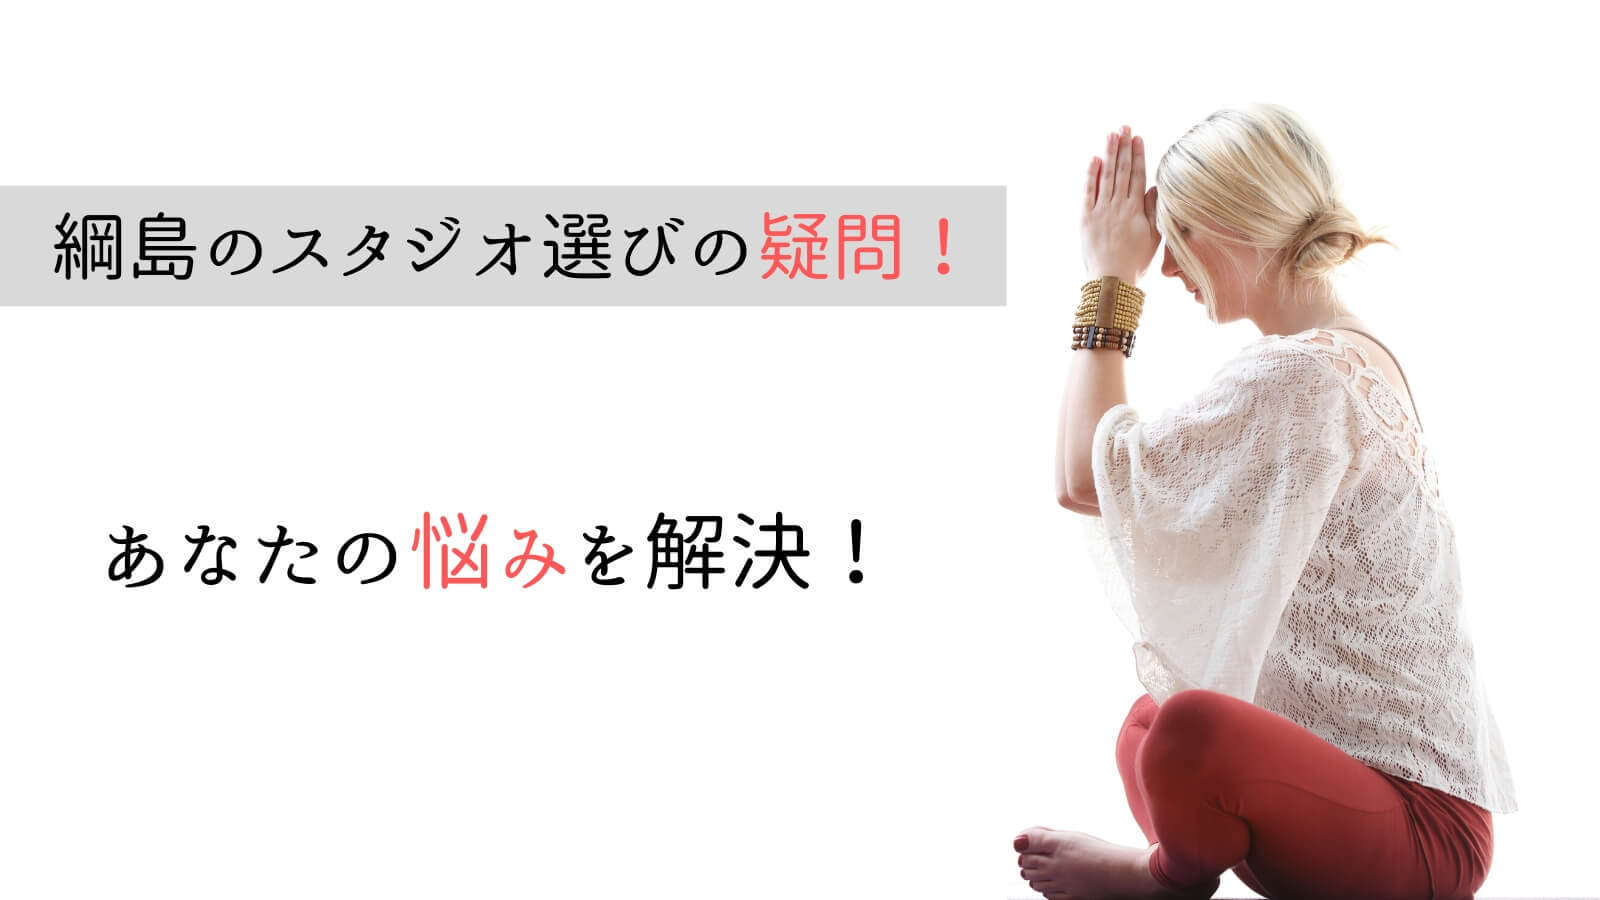 綱島でのヨガ・ピラティススタジオ選びに関するQ&A